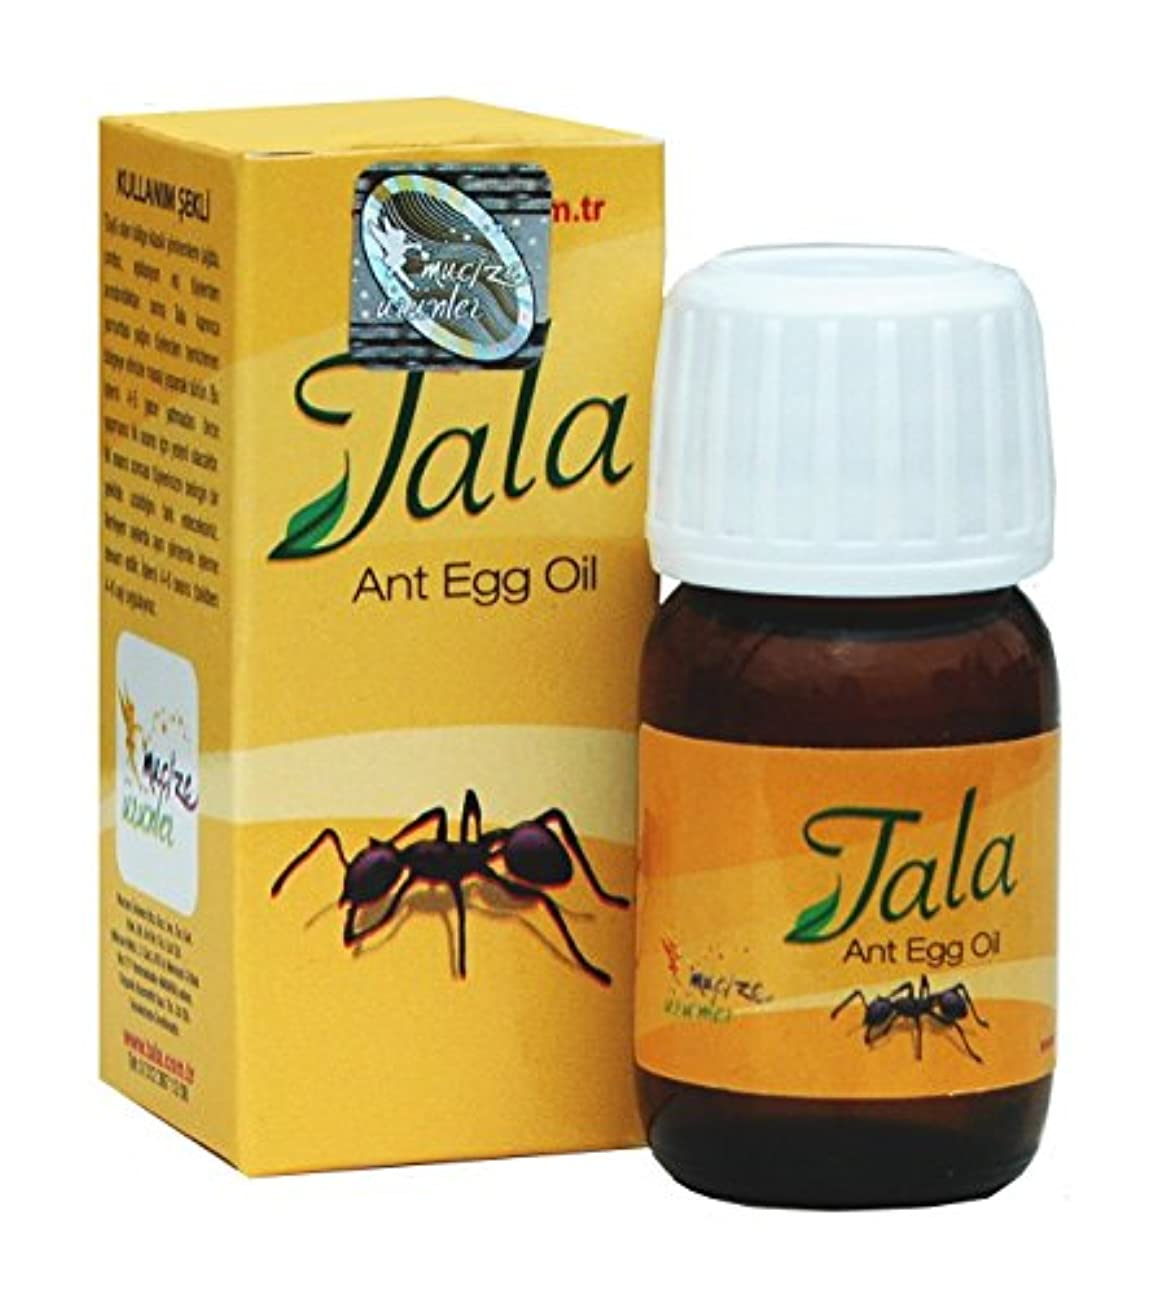 悲劇的なロッカー保護するTala Ant Egg Oil (アリ脱毛オイル) 20 ml [並行輸入品]